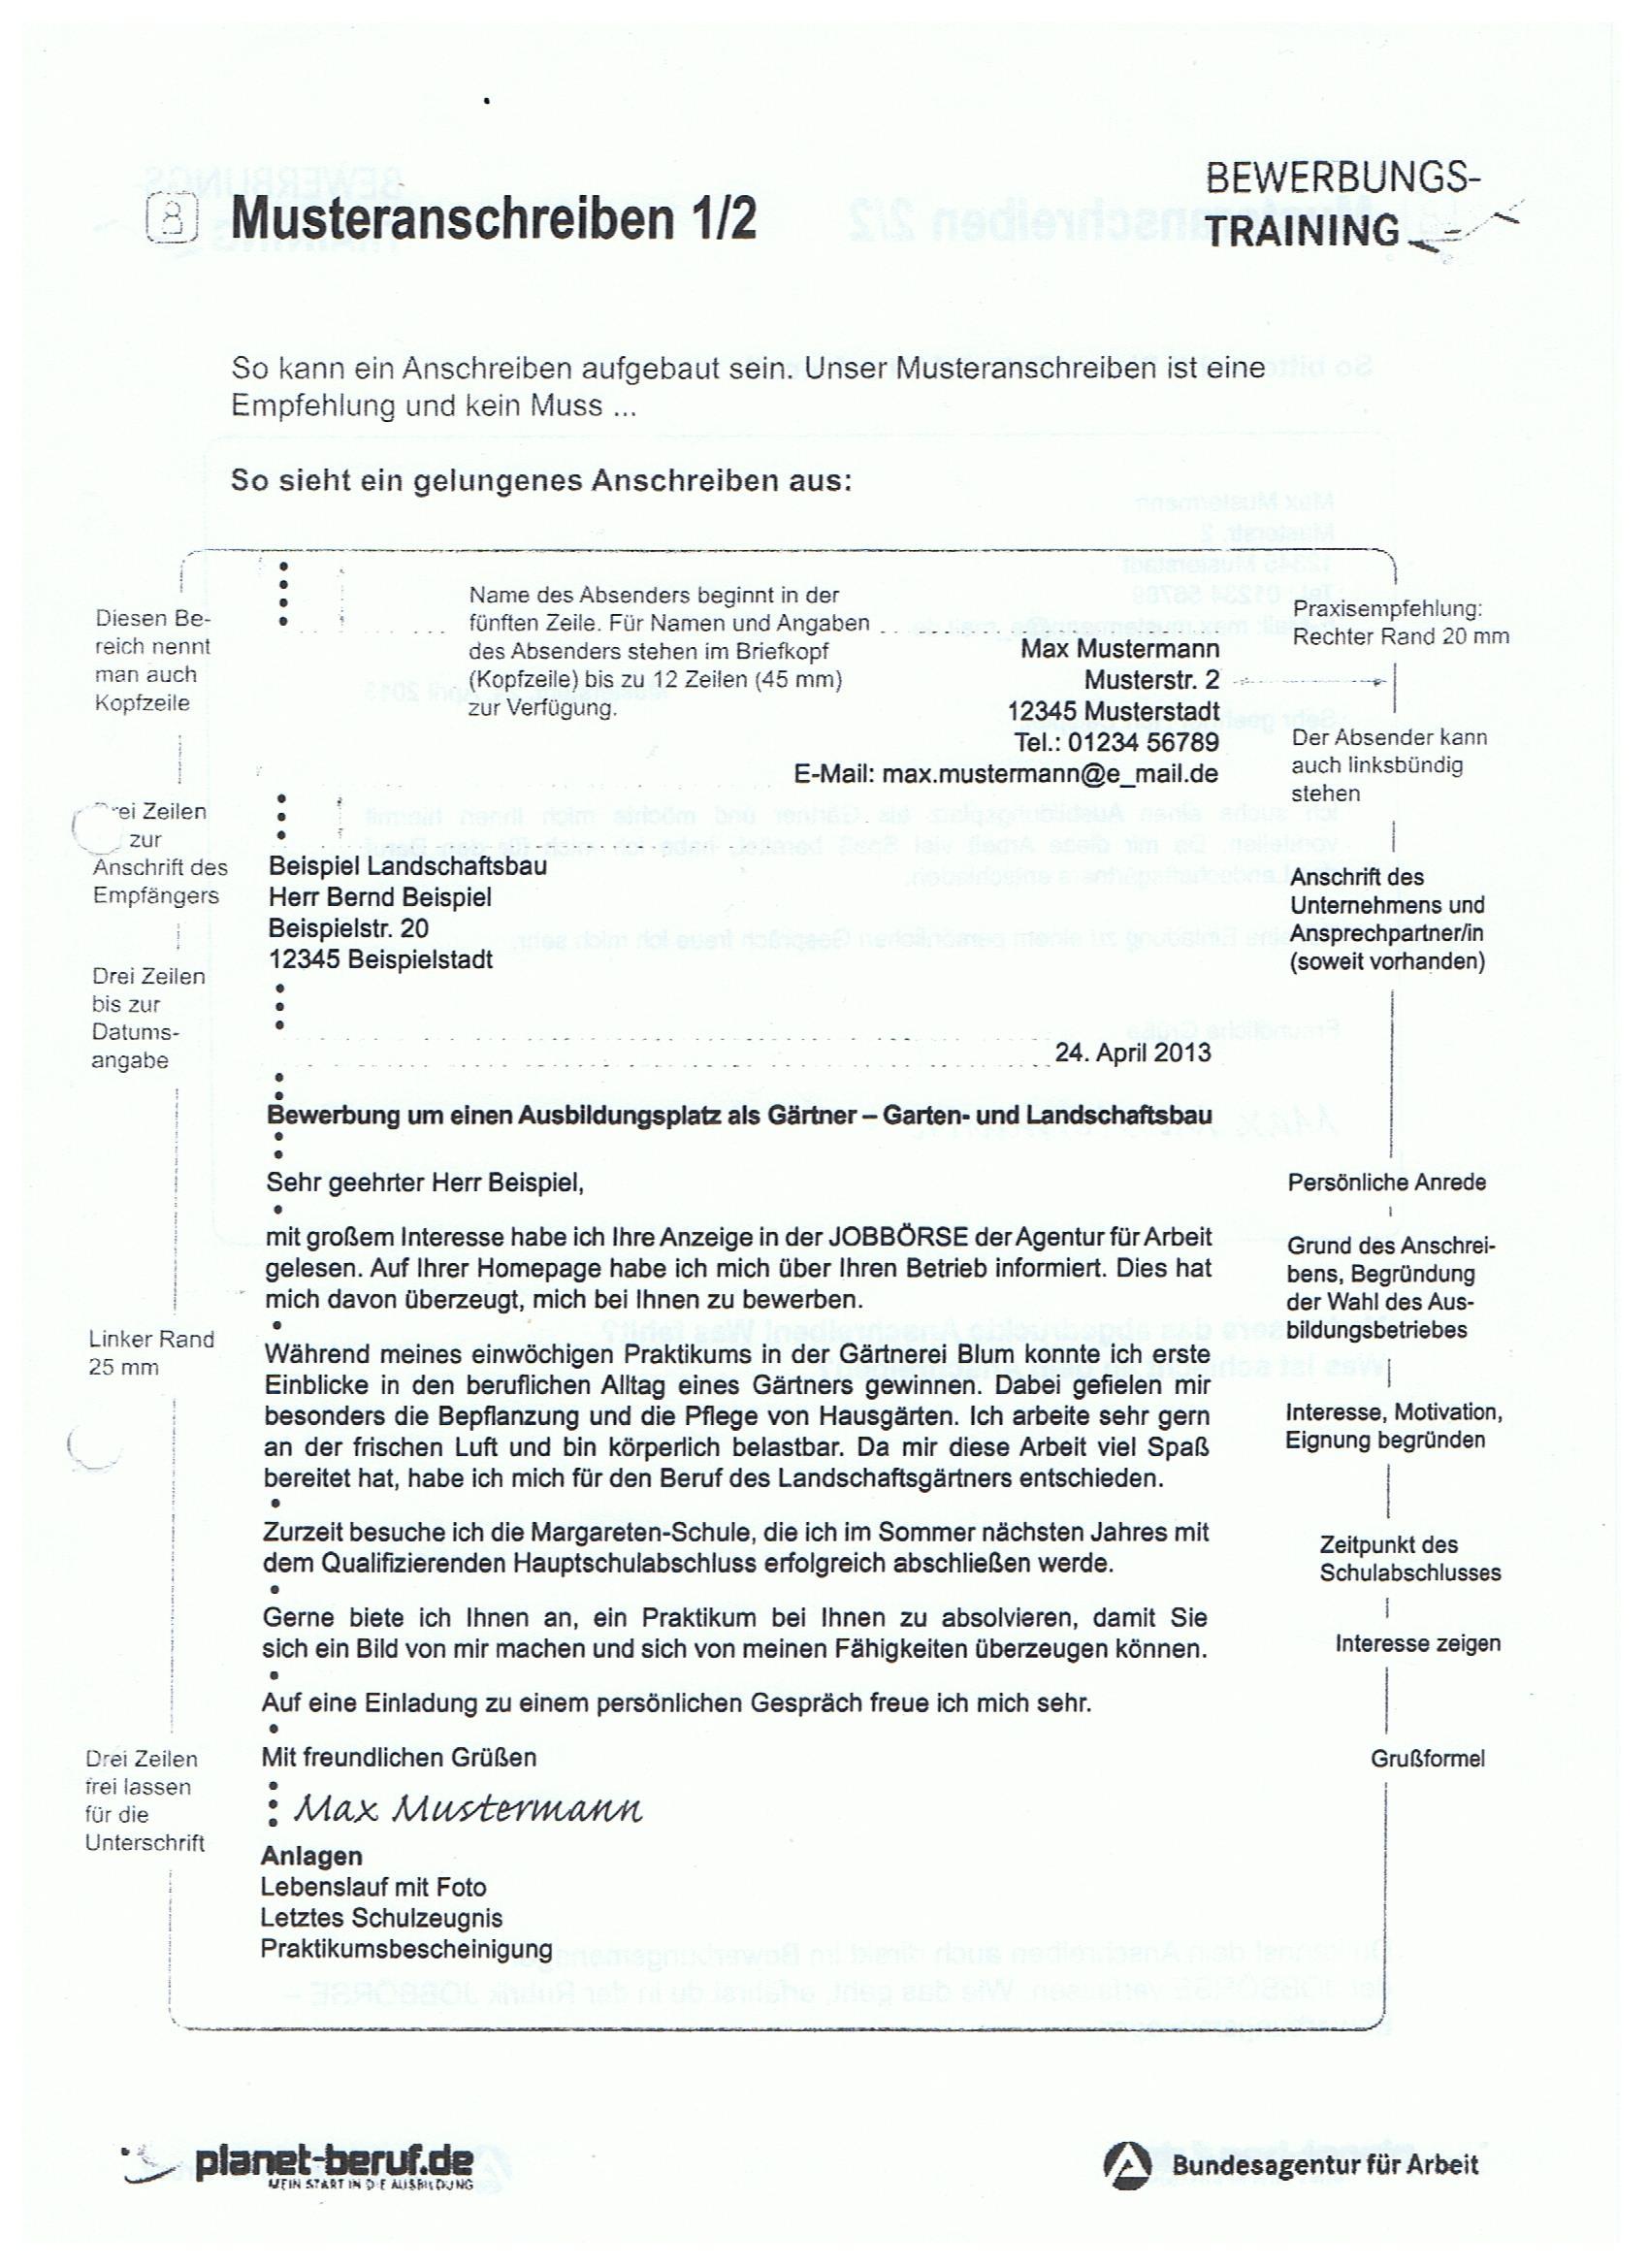 Großartig Probe Lebenslauf Für Schüler Die Sich Für Stipendien ...